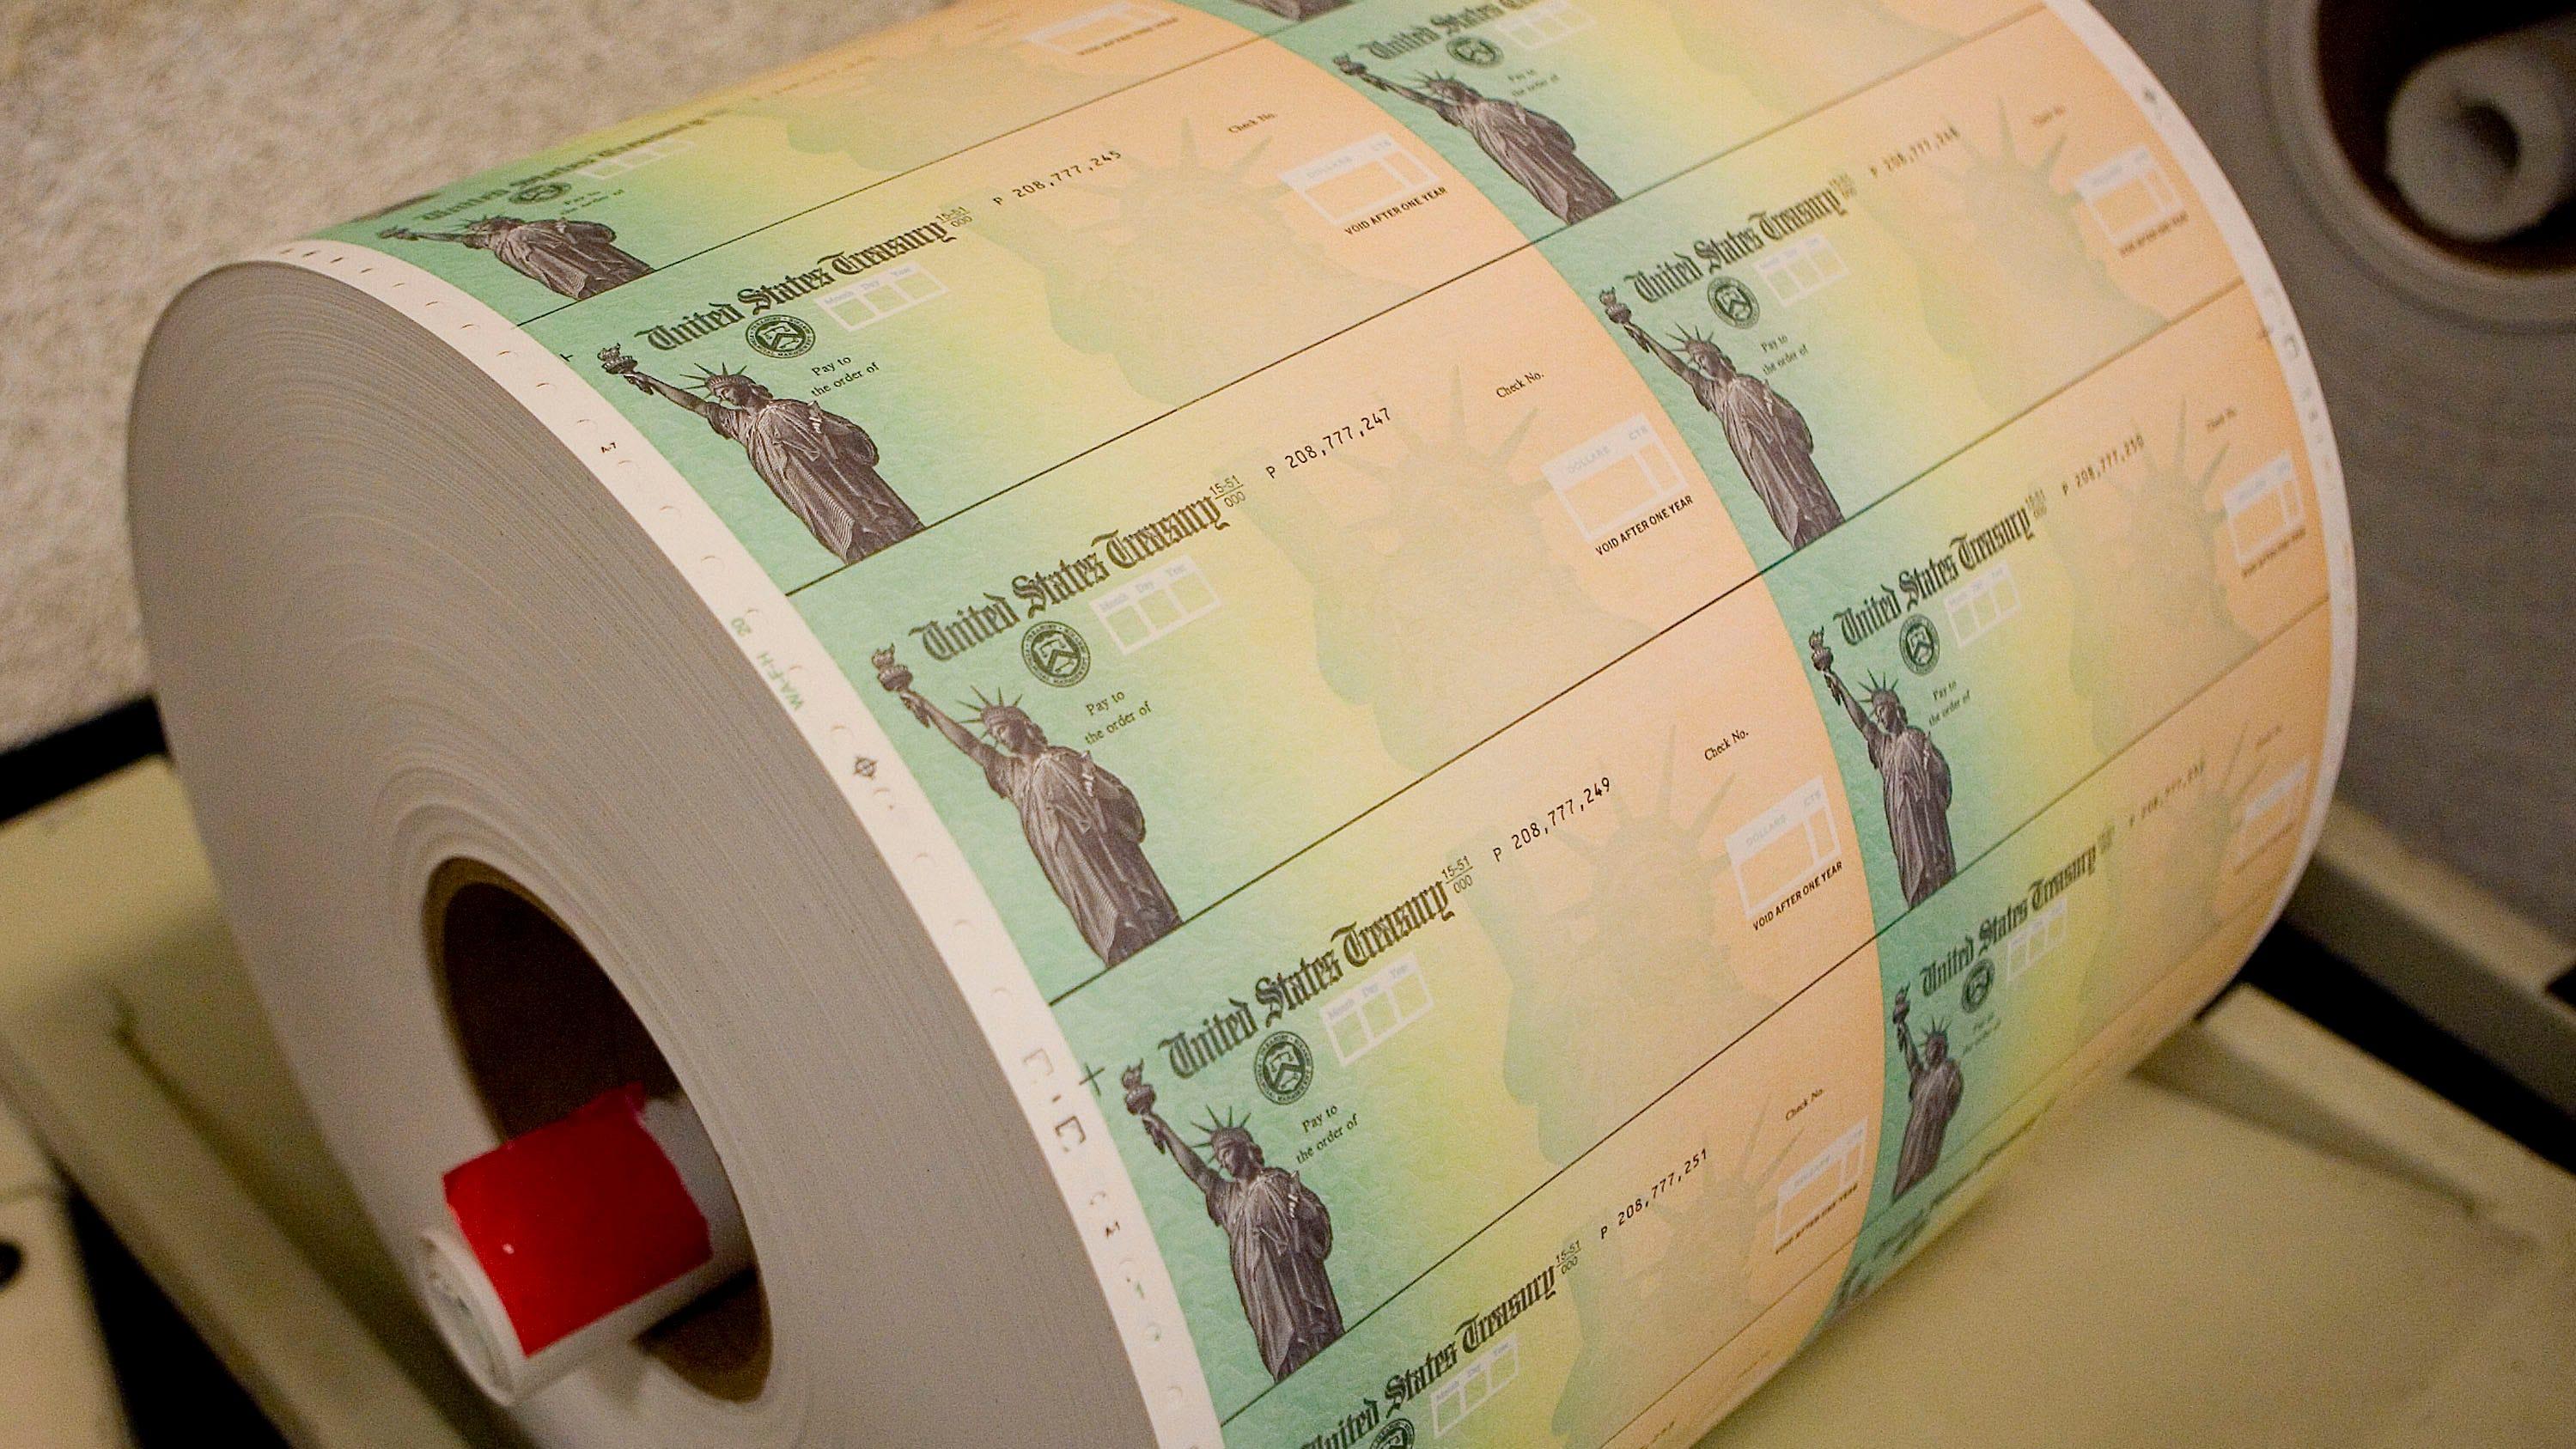 米纳德:2022年10年期美债收益率可能跌至-0.5%